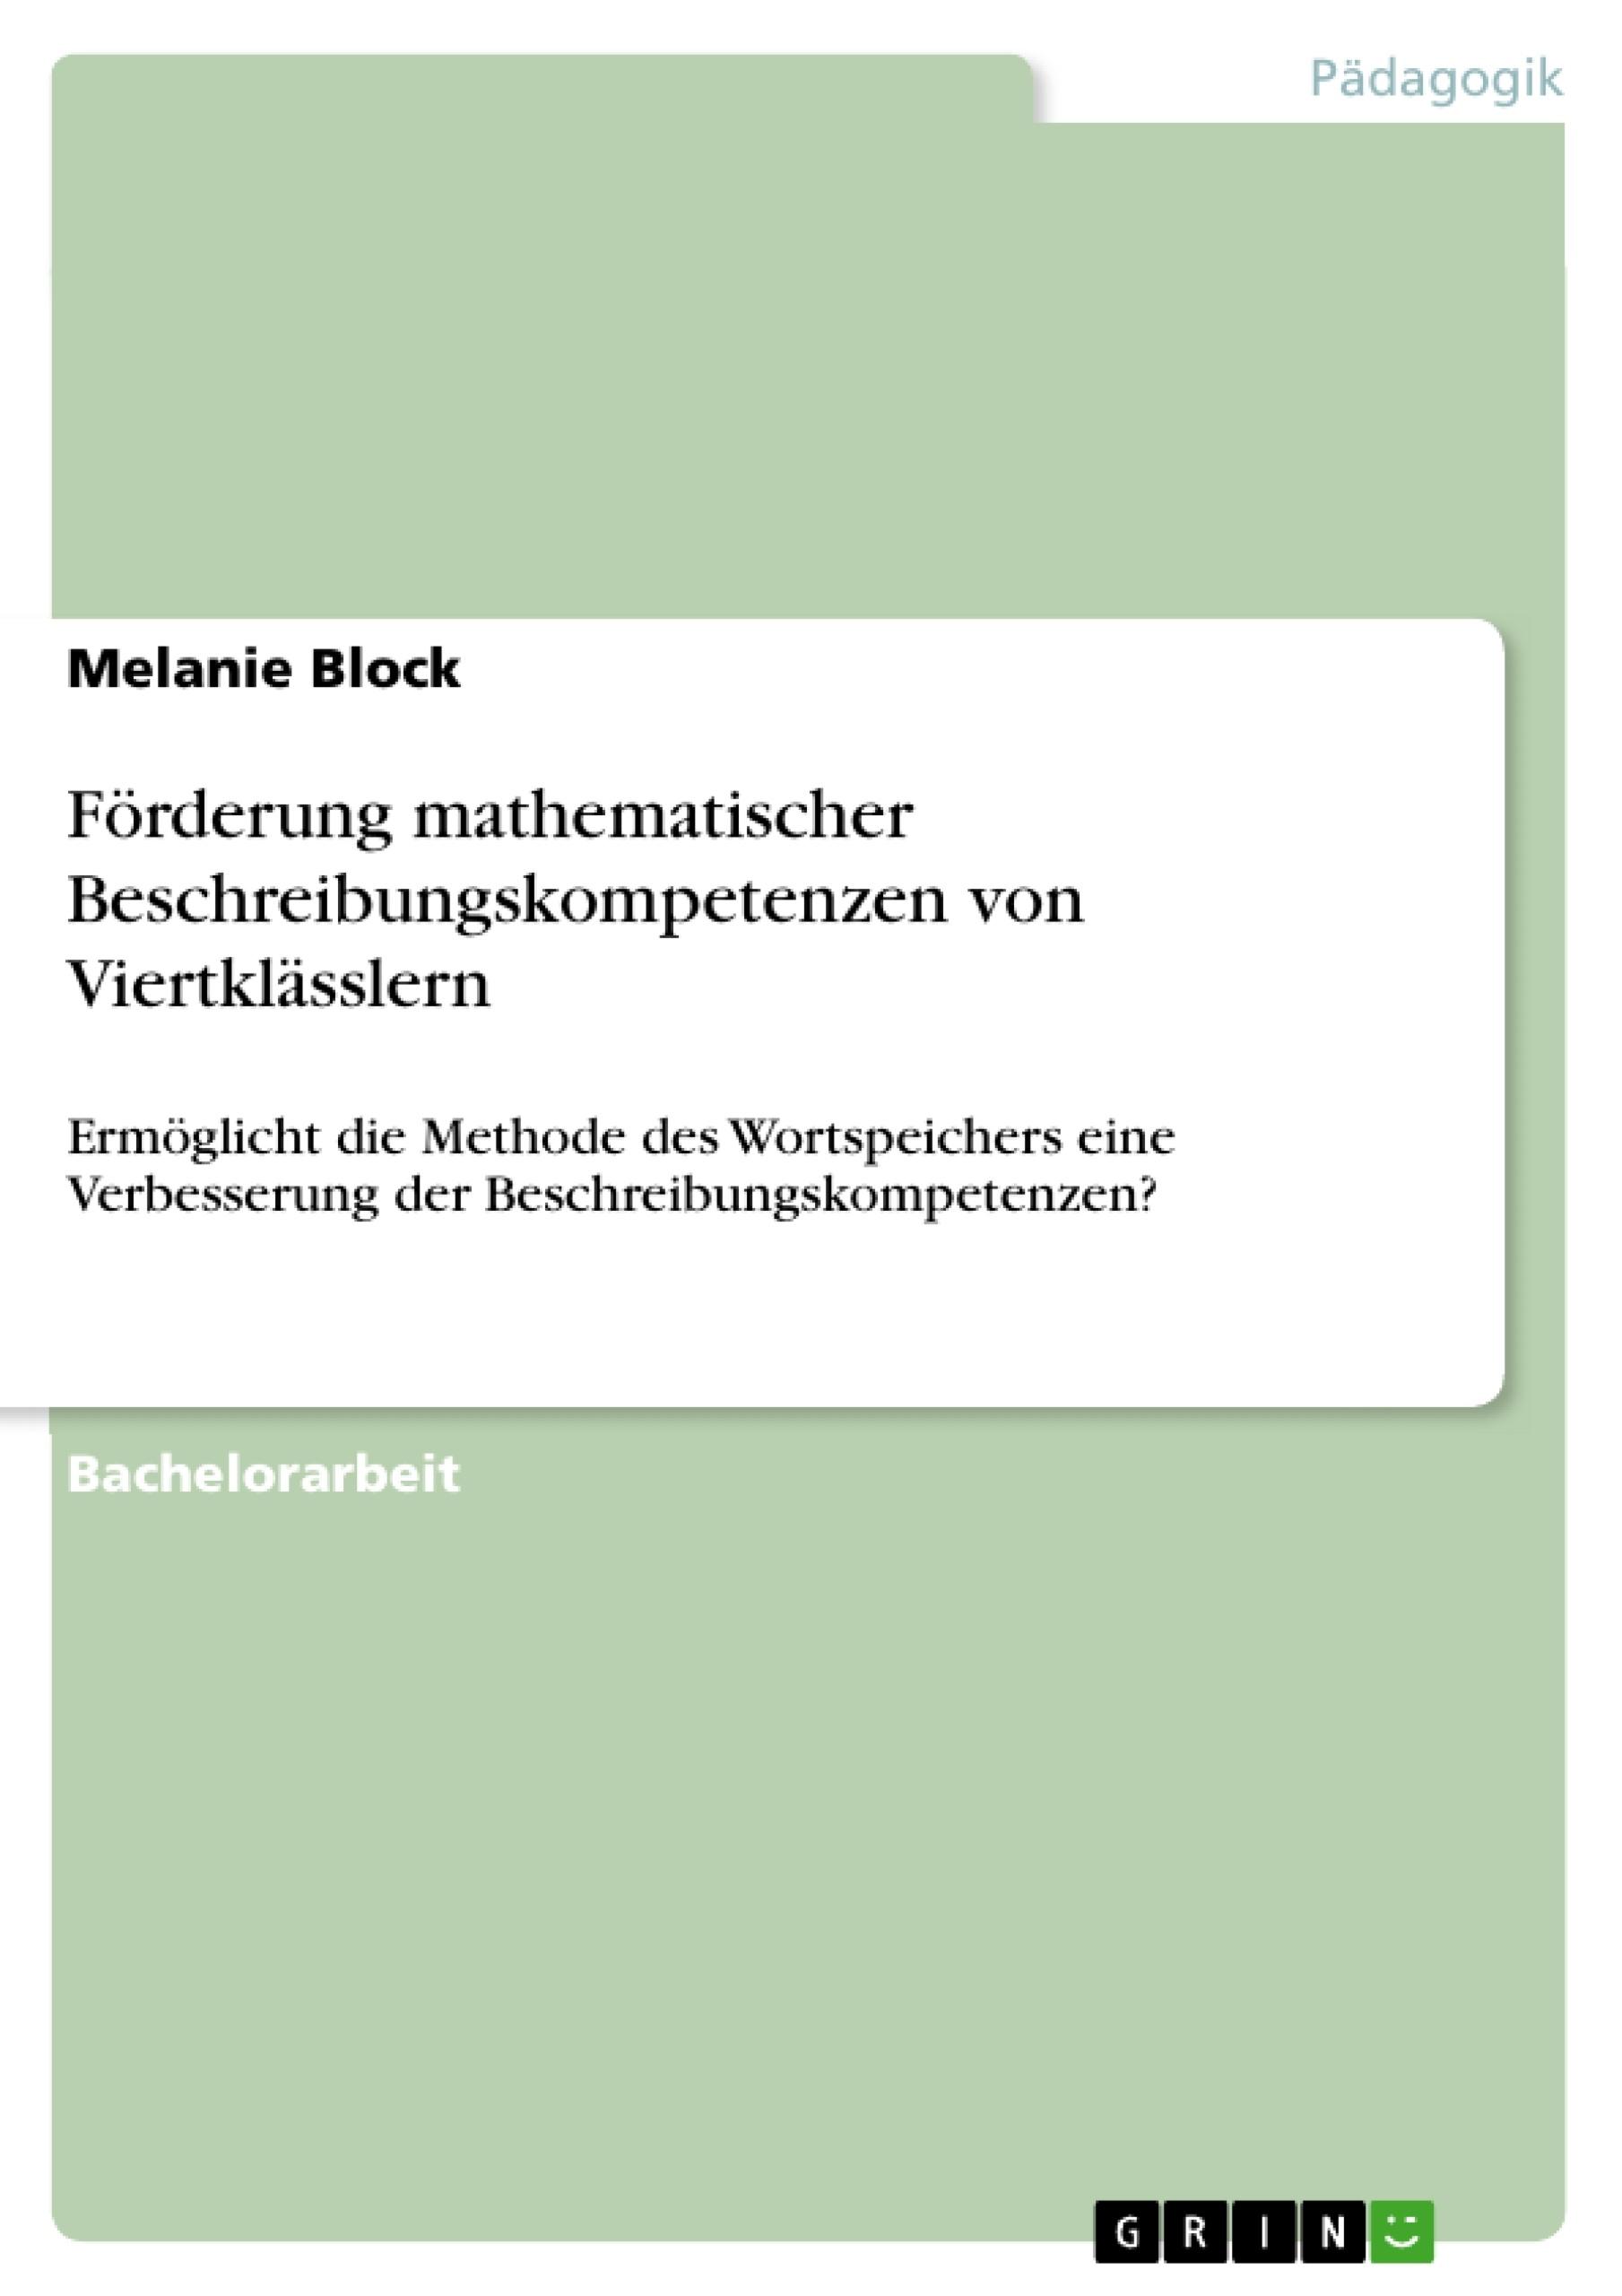 Titel: Förderung mathematischer Beschreibungskompetenzen von Viertklässlern